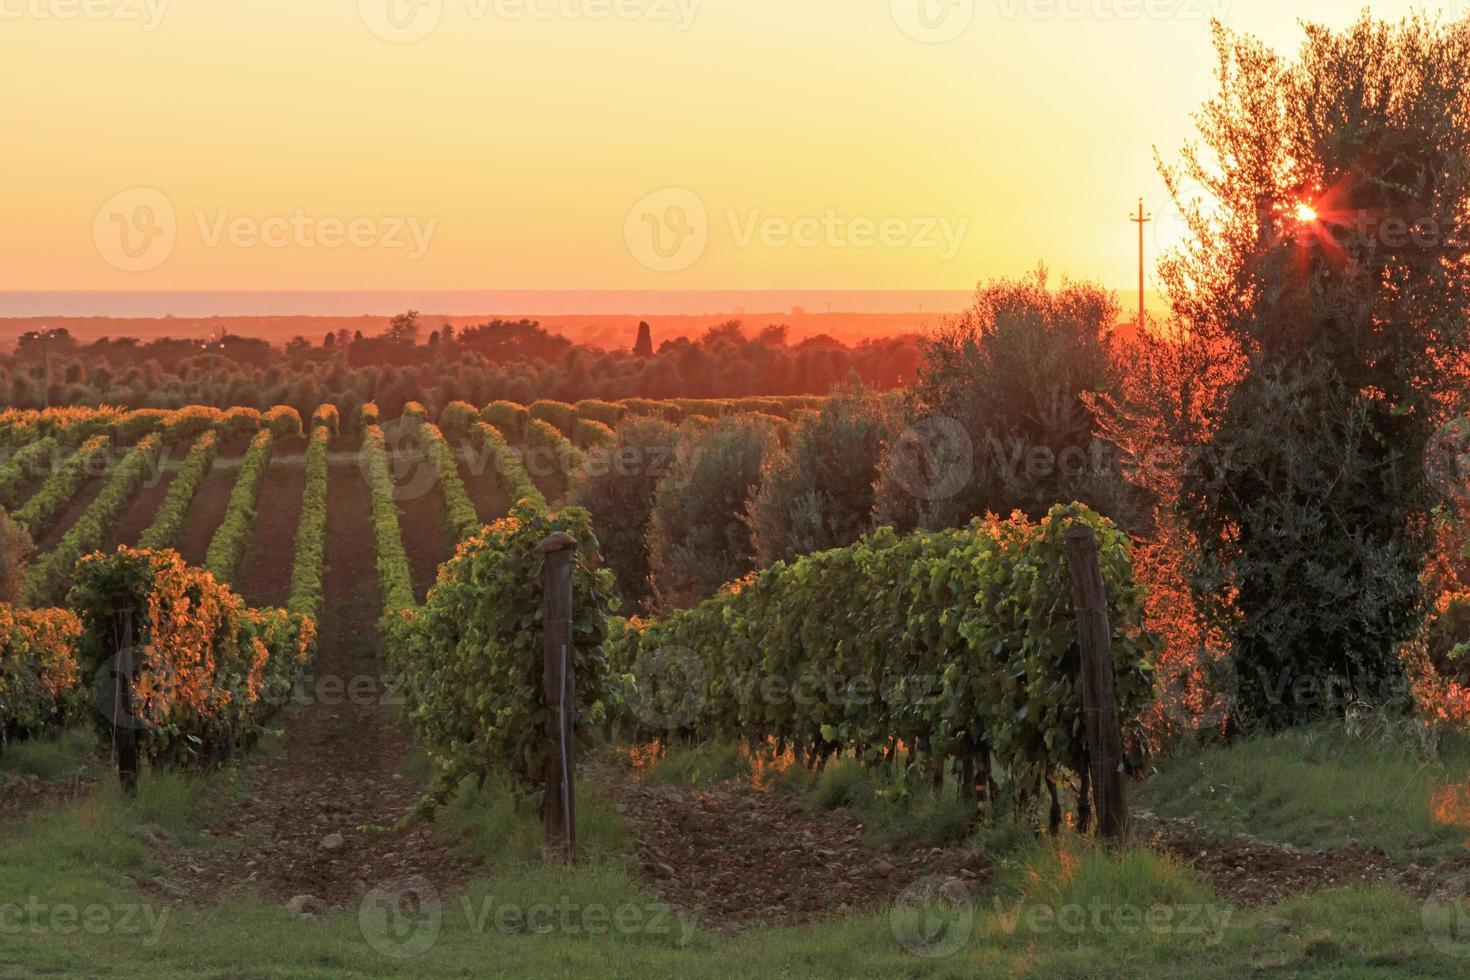 zonsondergang in een wijngaard, Toscane - Italië foto